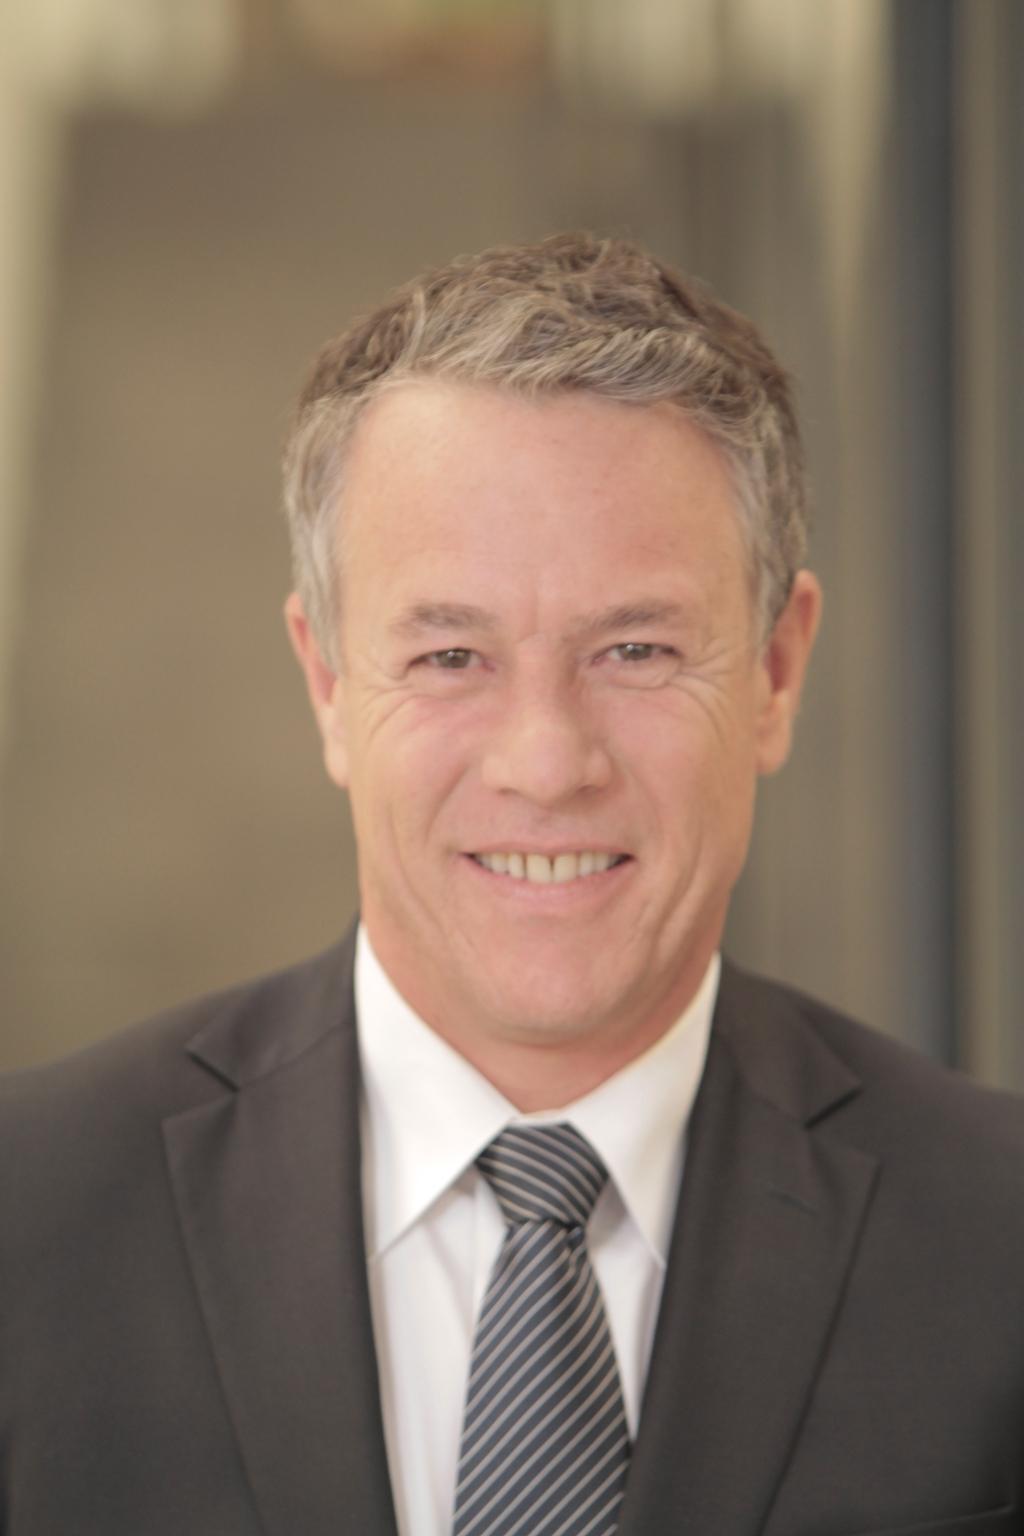 photo : Philippe Taboret, Président de l'Apic